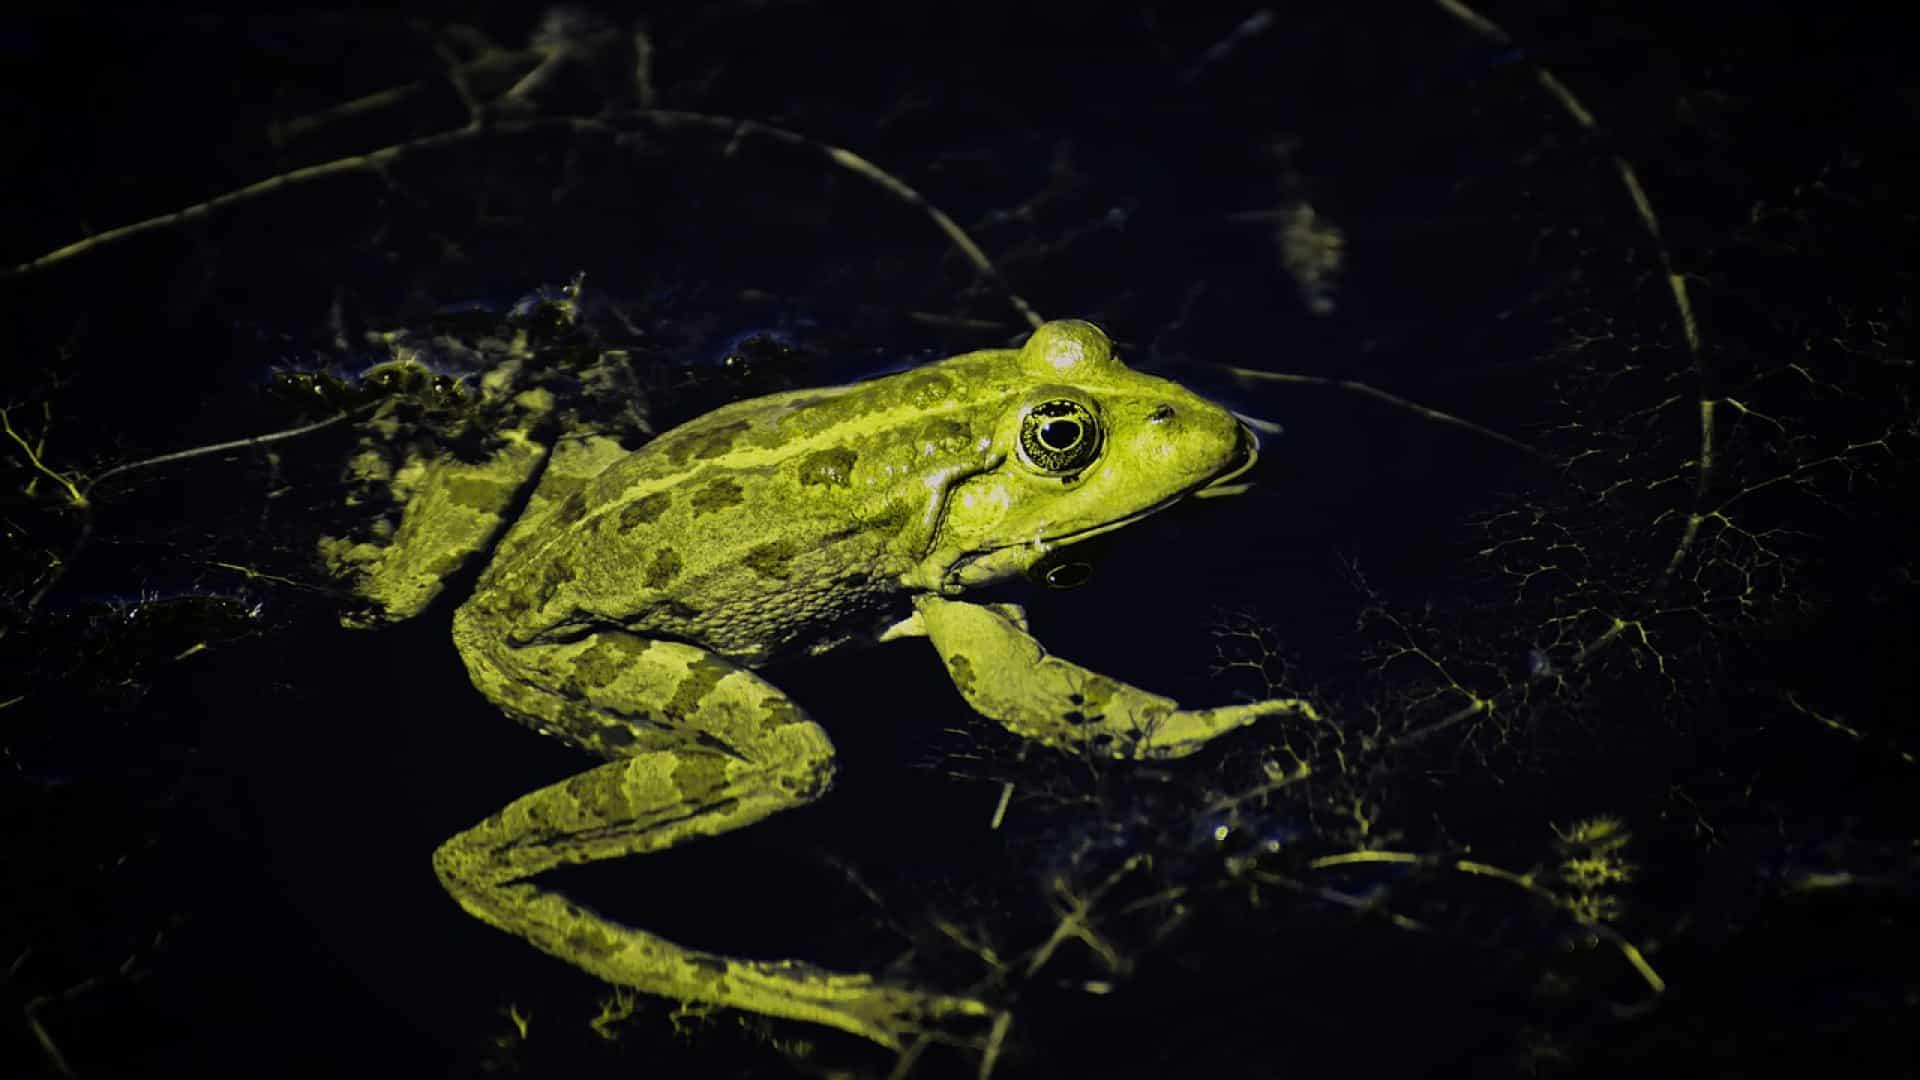 Quelle est la différence entre une grenouille et un crapaud?